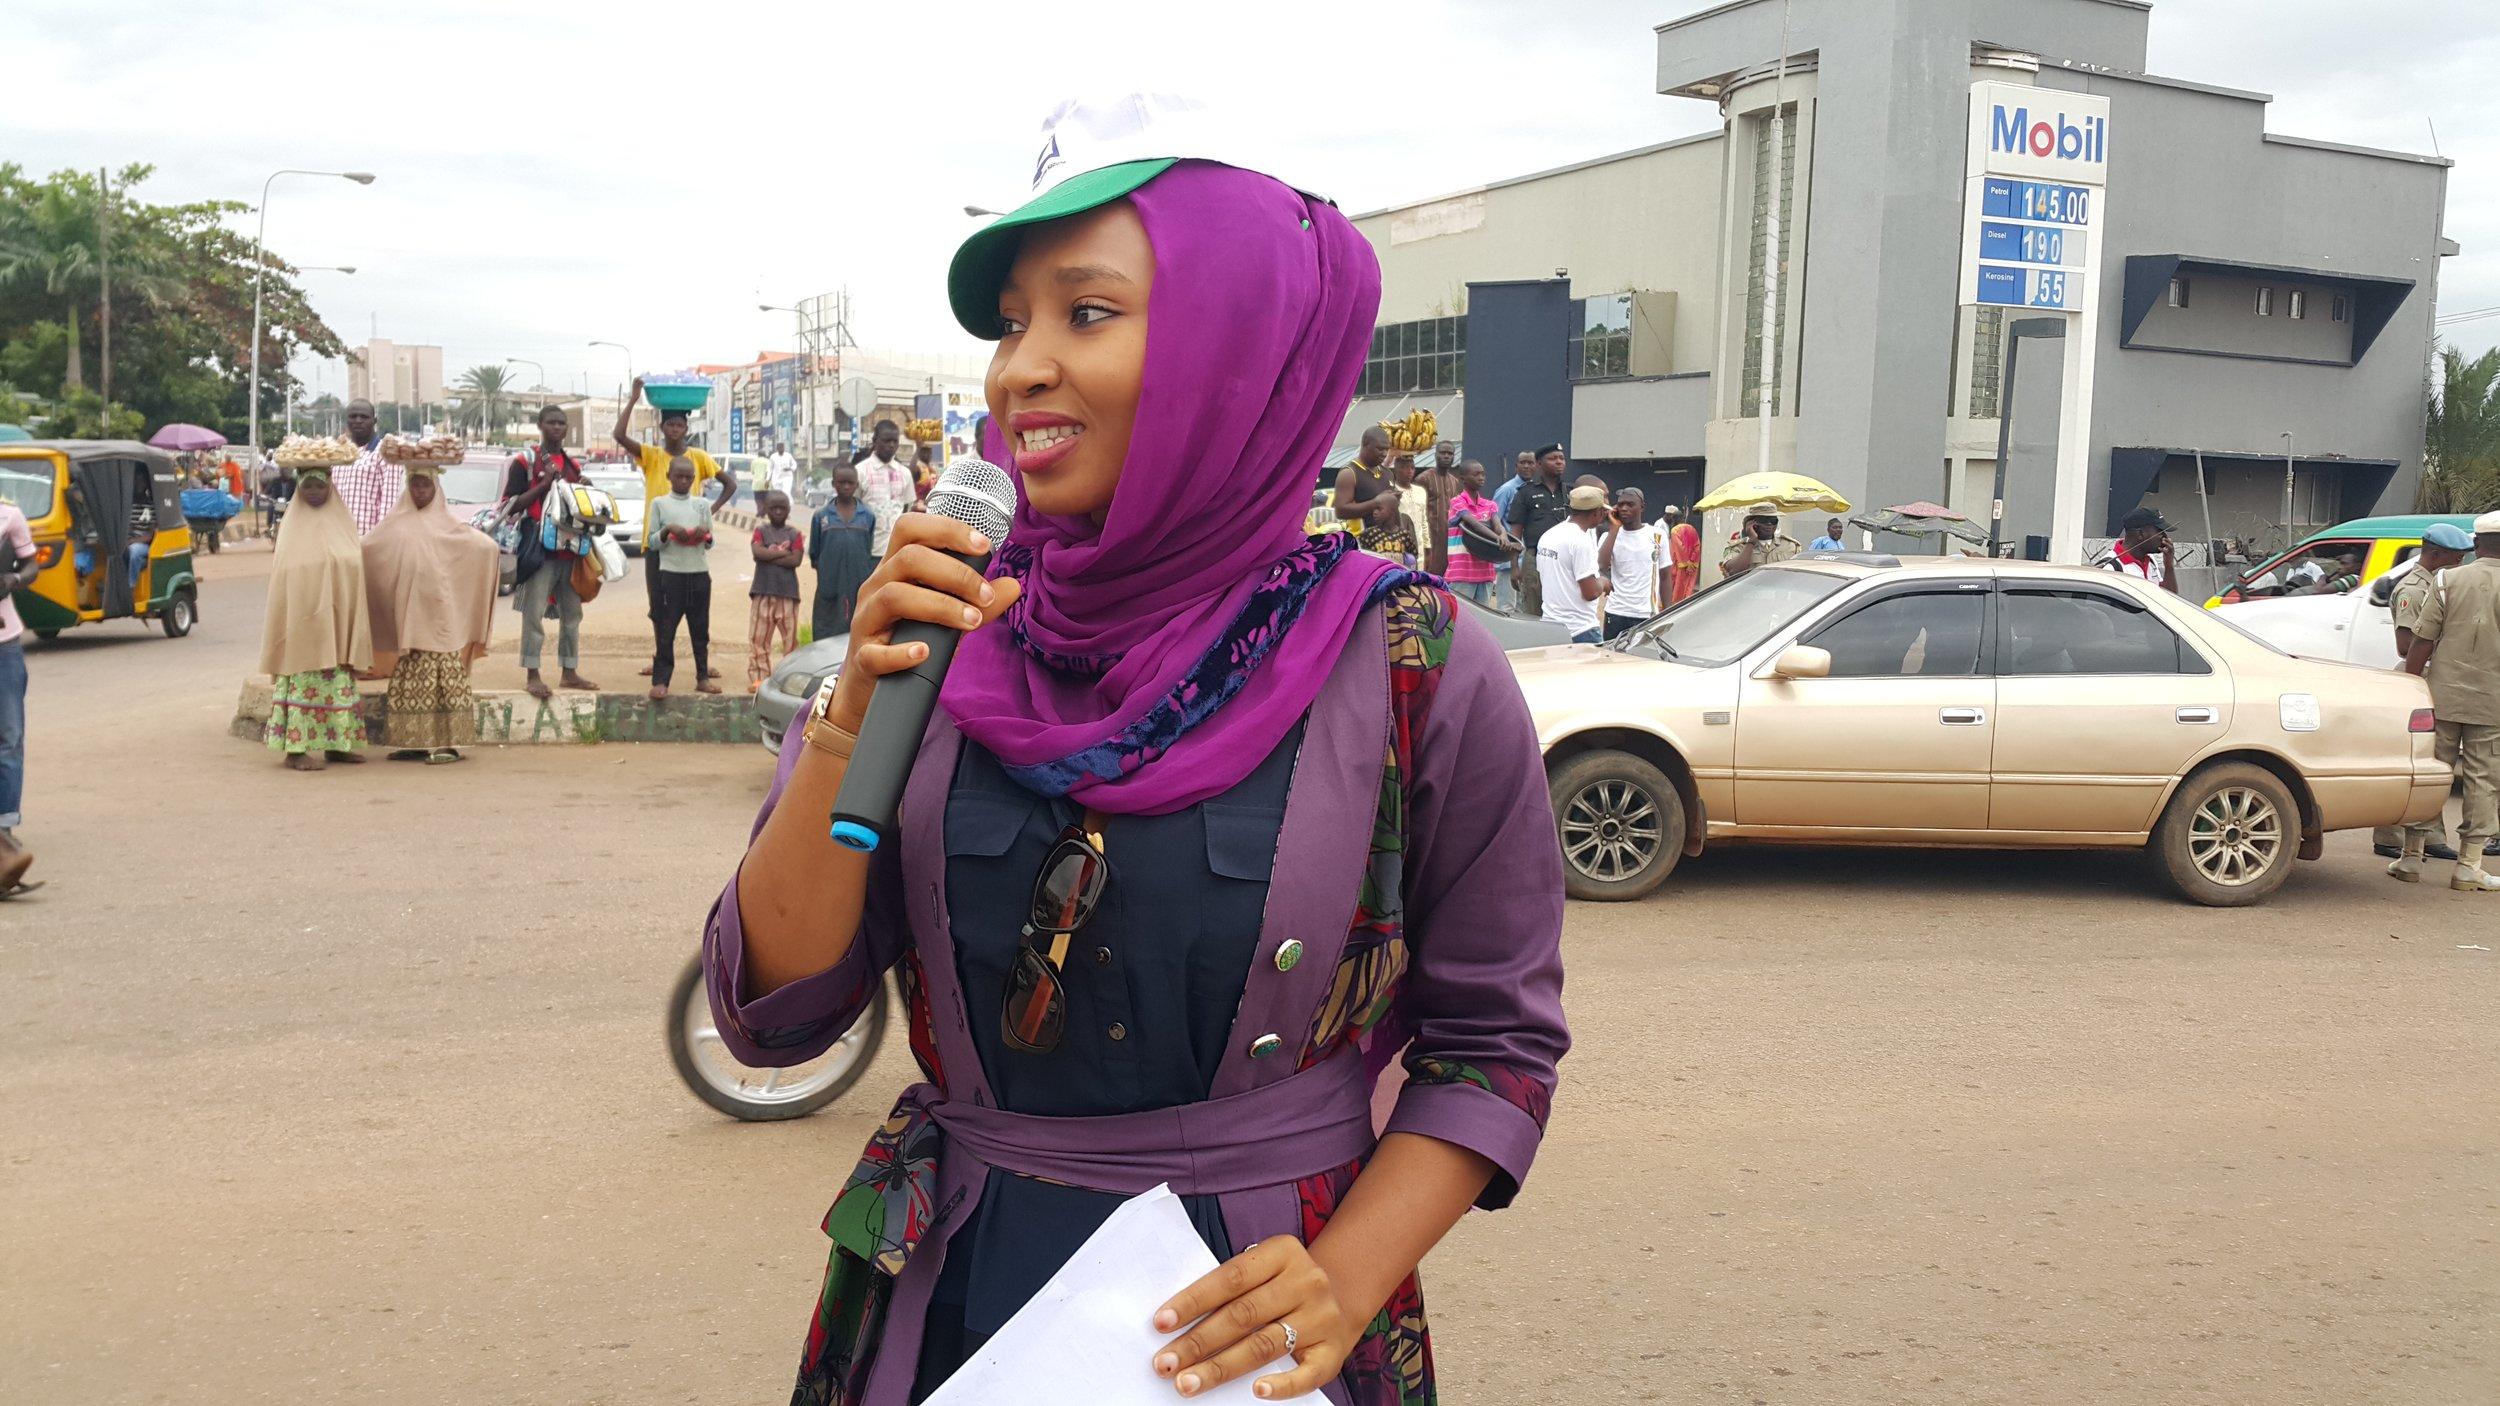 Hadiza Oyiza ismail, Communication Officer, IMC. Mobile number: 0706-781-9912 or 0705-214-8396. Email: dizaoyiza@yahoo.com/ismailhadizaoyiza@gmail.com